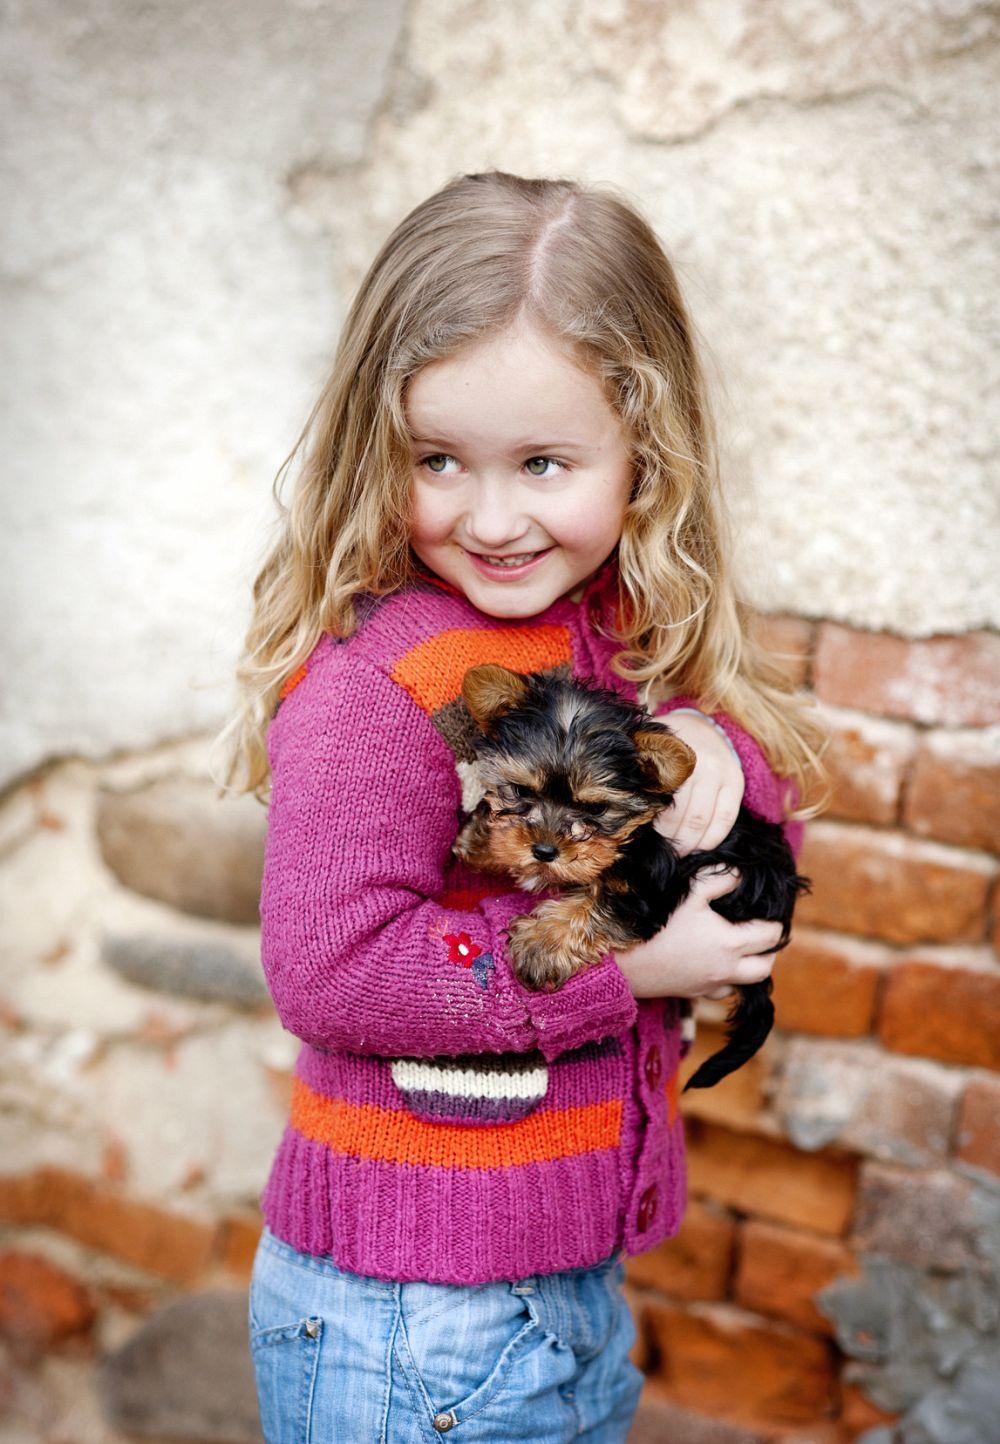 Süß ist sind die reinrassigen Yorkshire Terrier